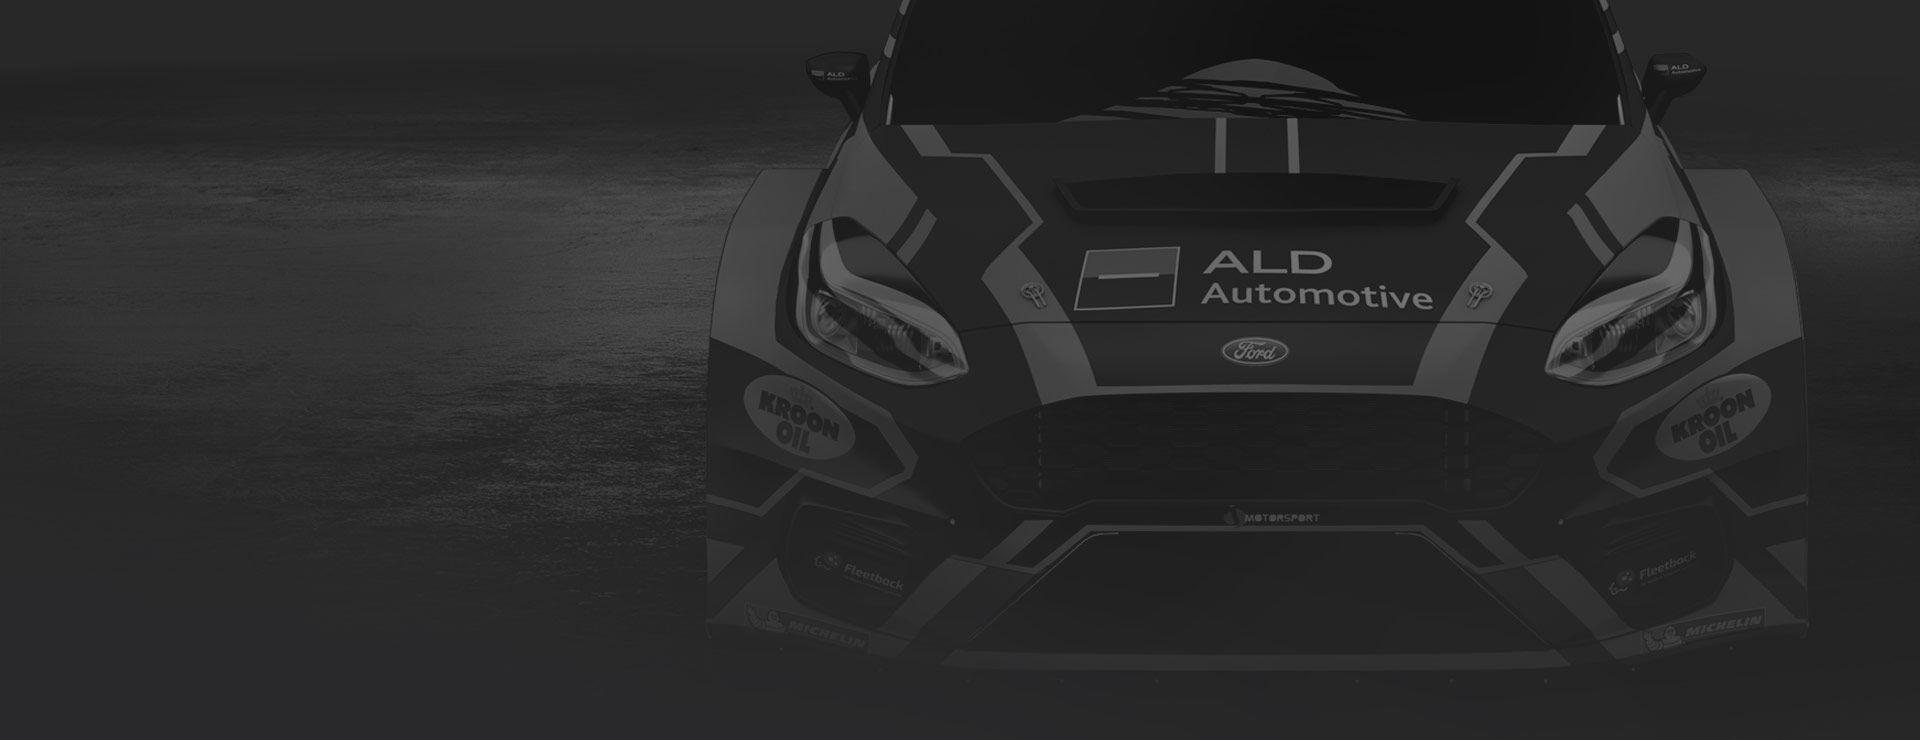 J-Motorsport deco rallye